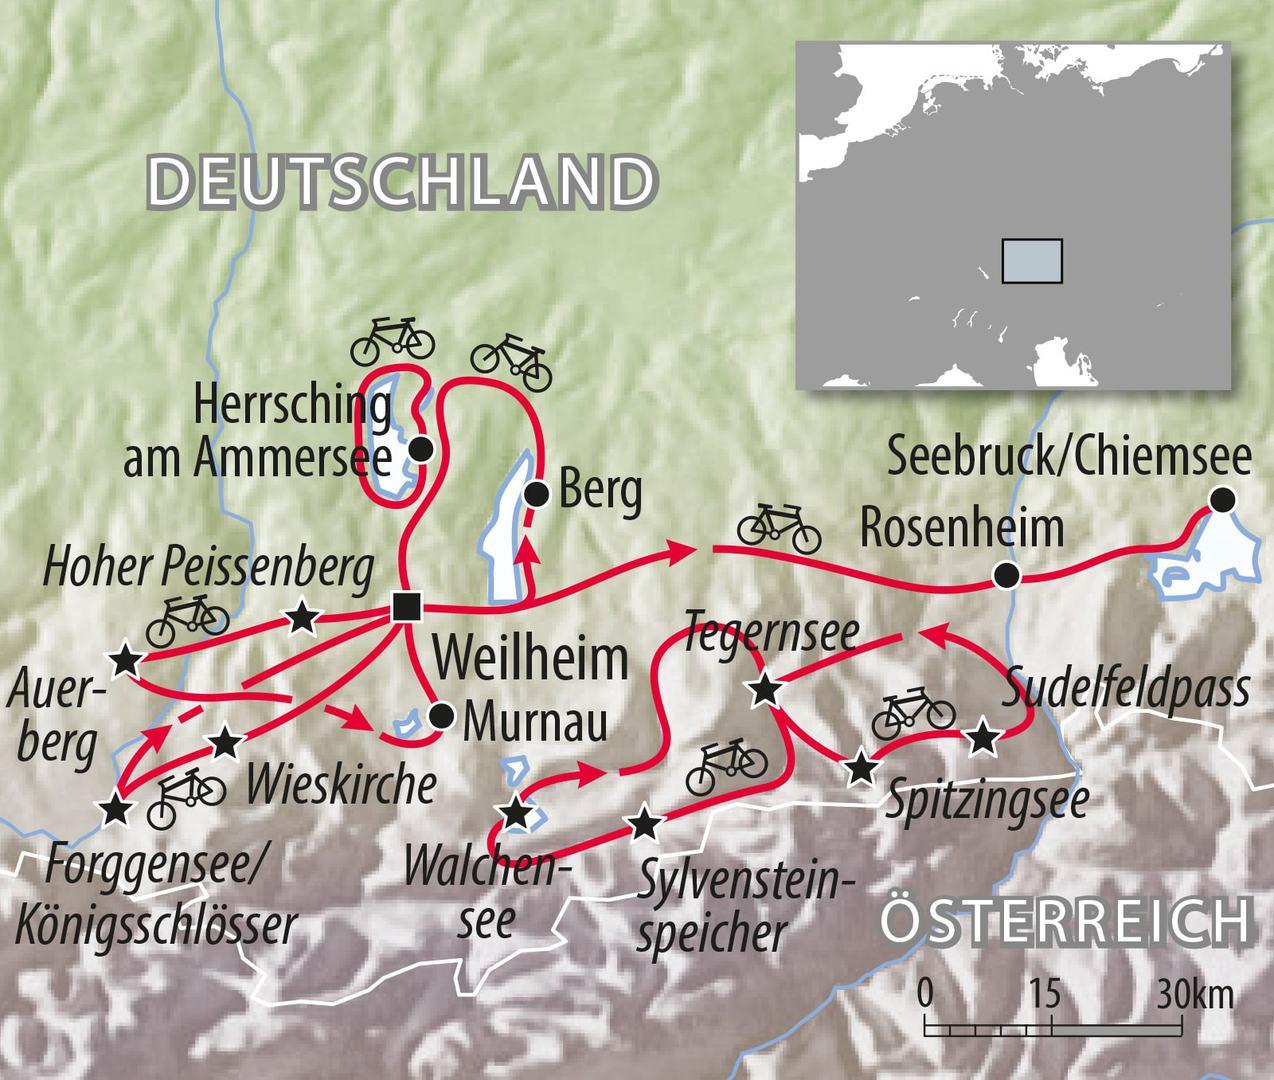 Rennradreise Bayern Alpen Allgäu Deutschland